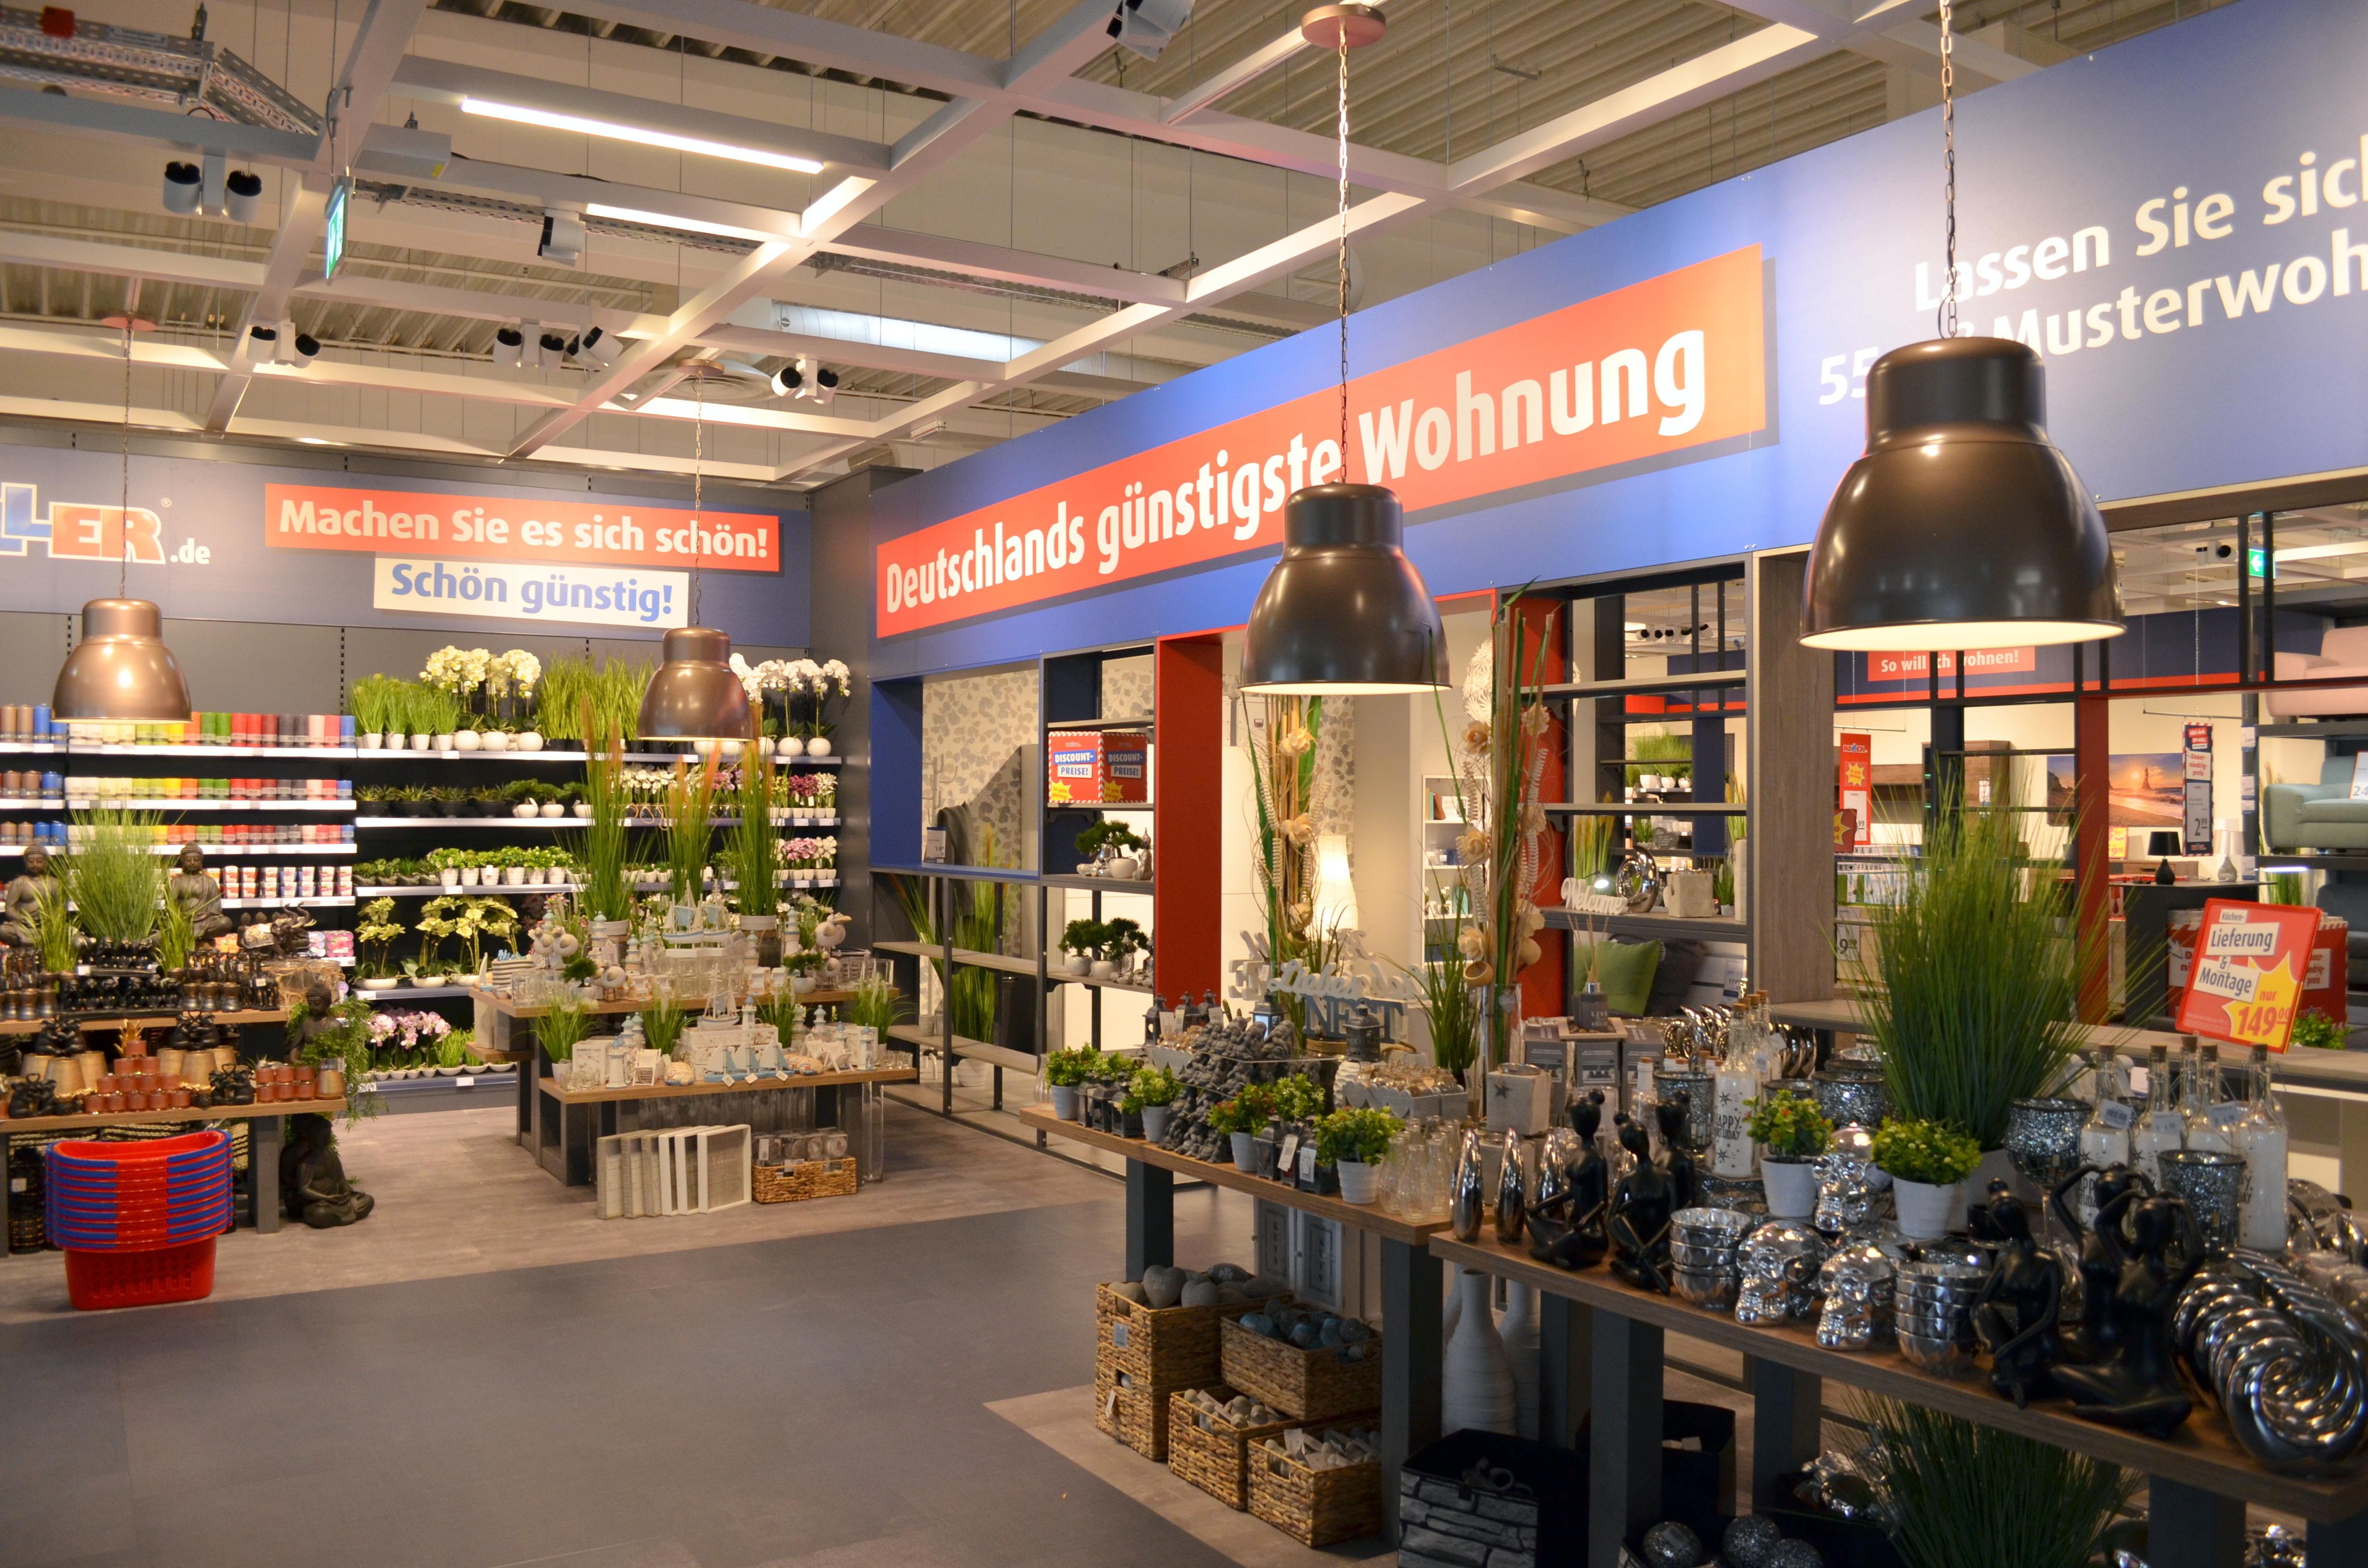 gro e roller neuer ffnung am 7 mai in oranienburg reinickendorf. Black Bedroom Furniture Sets. Home Design Ideas